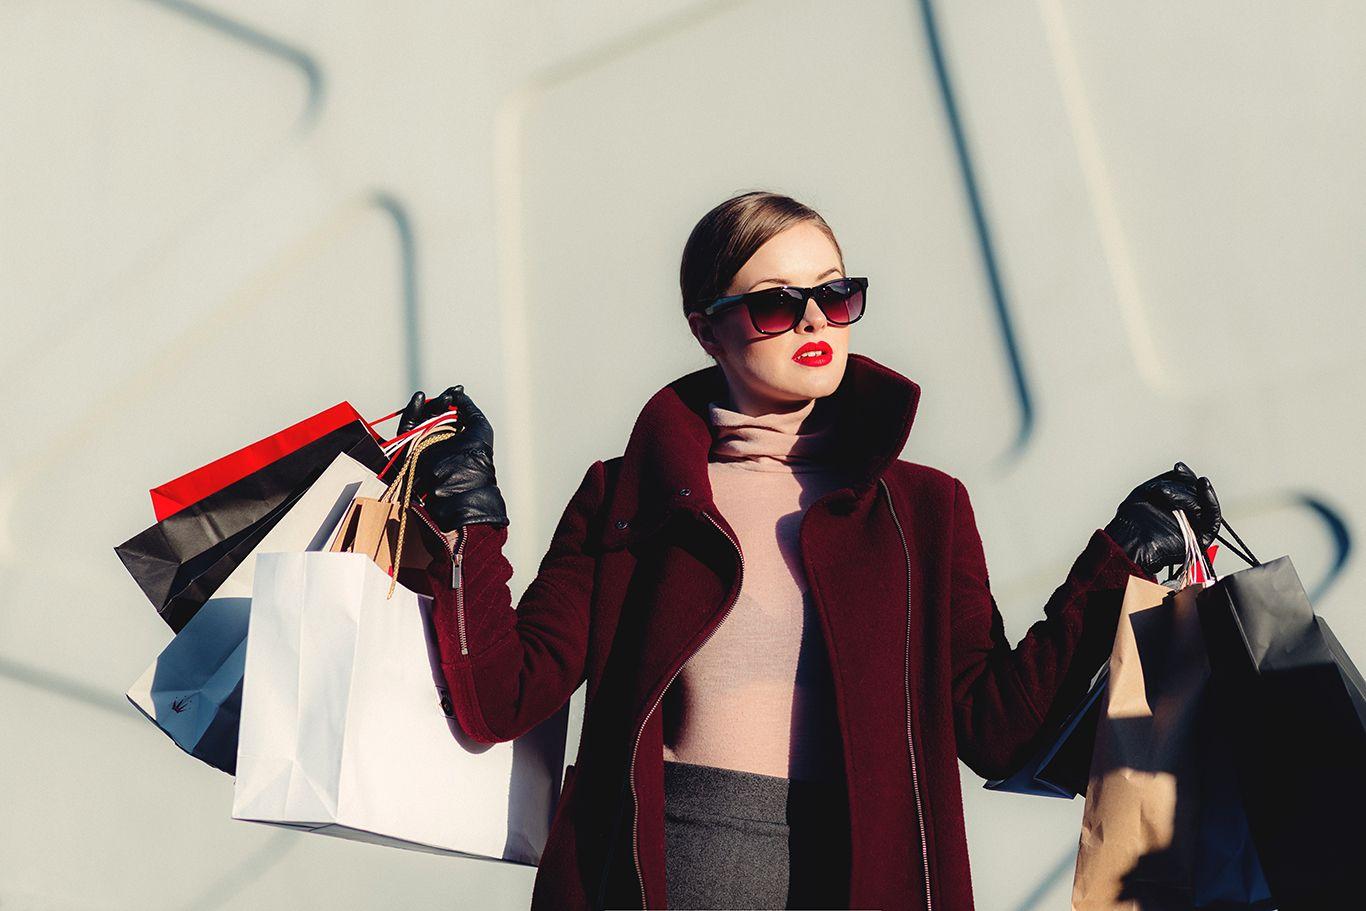 4 Cara Menghasilkan Uang Saat Liburan Tanpa Bekerja, Ini Triknya